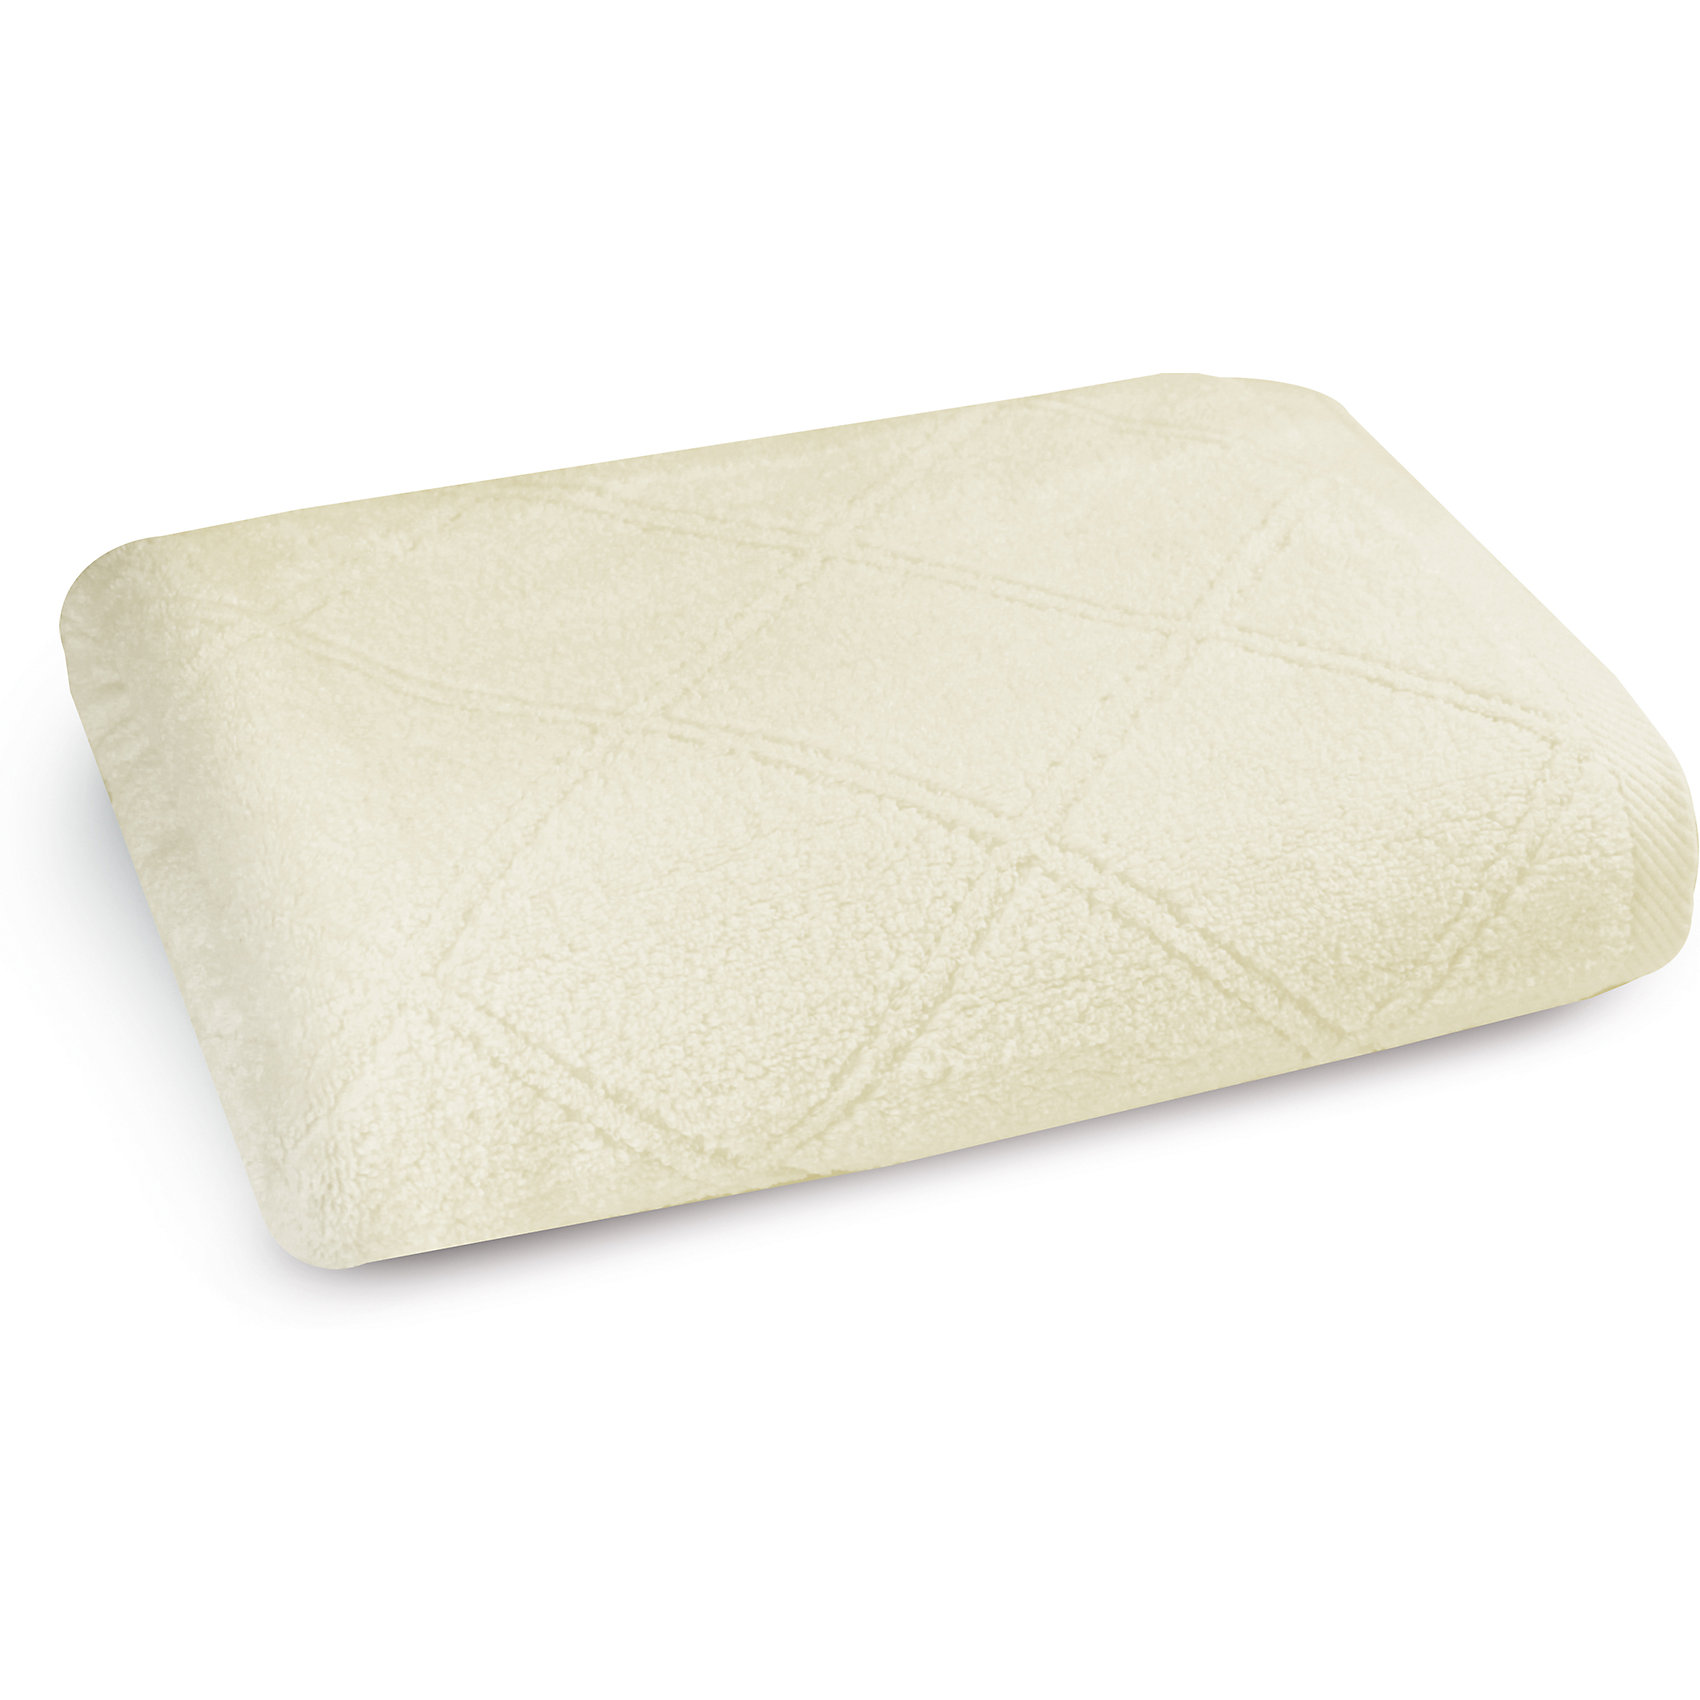 Полотенце махровое 50х90, Cozy Home, молочныйВанная комната<br>Полотенце махровое 50х90, Cozy Home (Кози Хоум), молочный<br><br>Характеристики:<br><br>• мягкое полотенце, приятное на ощупь<br>• хорошо впитывает влагу<br>• легко стирать<br>• материал: хлопок<br>• размер: 50х90 см<br>• цвет: молочный<br><br>Выбирая полотенце, важно обратить внимание на материал. Полотенце от Cozy Home изготовлено из качественного хлопка, поэтому оно очень приятно телу и не вызывает раздражения и аллергии. Полотенце хорошо впитывает влагу, а также быстро высыхает. Любые загрязнения вы с легкостью сможете отстирать при температуре 40?. Также полотенце порадует вас своей долговечностью. Даже после многочисленных стирок оно не изменит свой цвет и размер. Изделие имеет однотонную расцветку, дополненную узором из ромбов. Отличный выбор для ценителей качественного текстиля!<br><br>Полотенце махровое 50х90, Cozy Home (Кози Хоум), молочный можно купить в нашем интернет-магазине.<br><br>Ширина мм: 150<br>Глубина мм: 250<br>Высота мм: 150<br>Вес г: 250<br>Возраст от месяцев: 0<br>Возраст до месяцев: 216<br>Пол: Унисекс<br>Возраст: Детский<br>SKU: 5355307